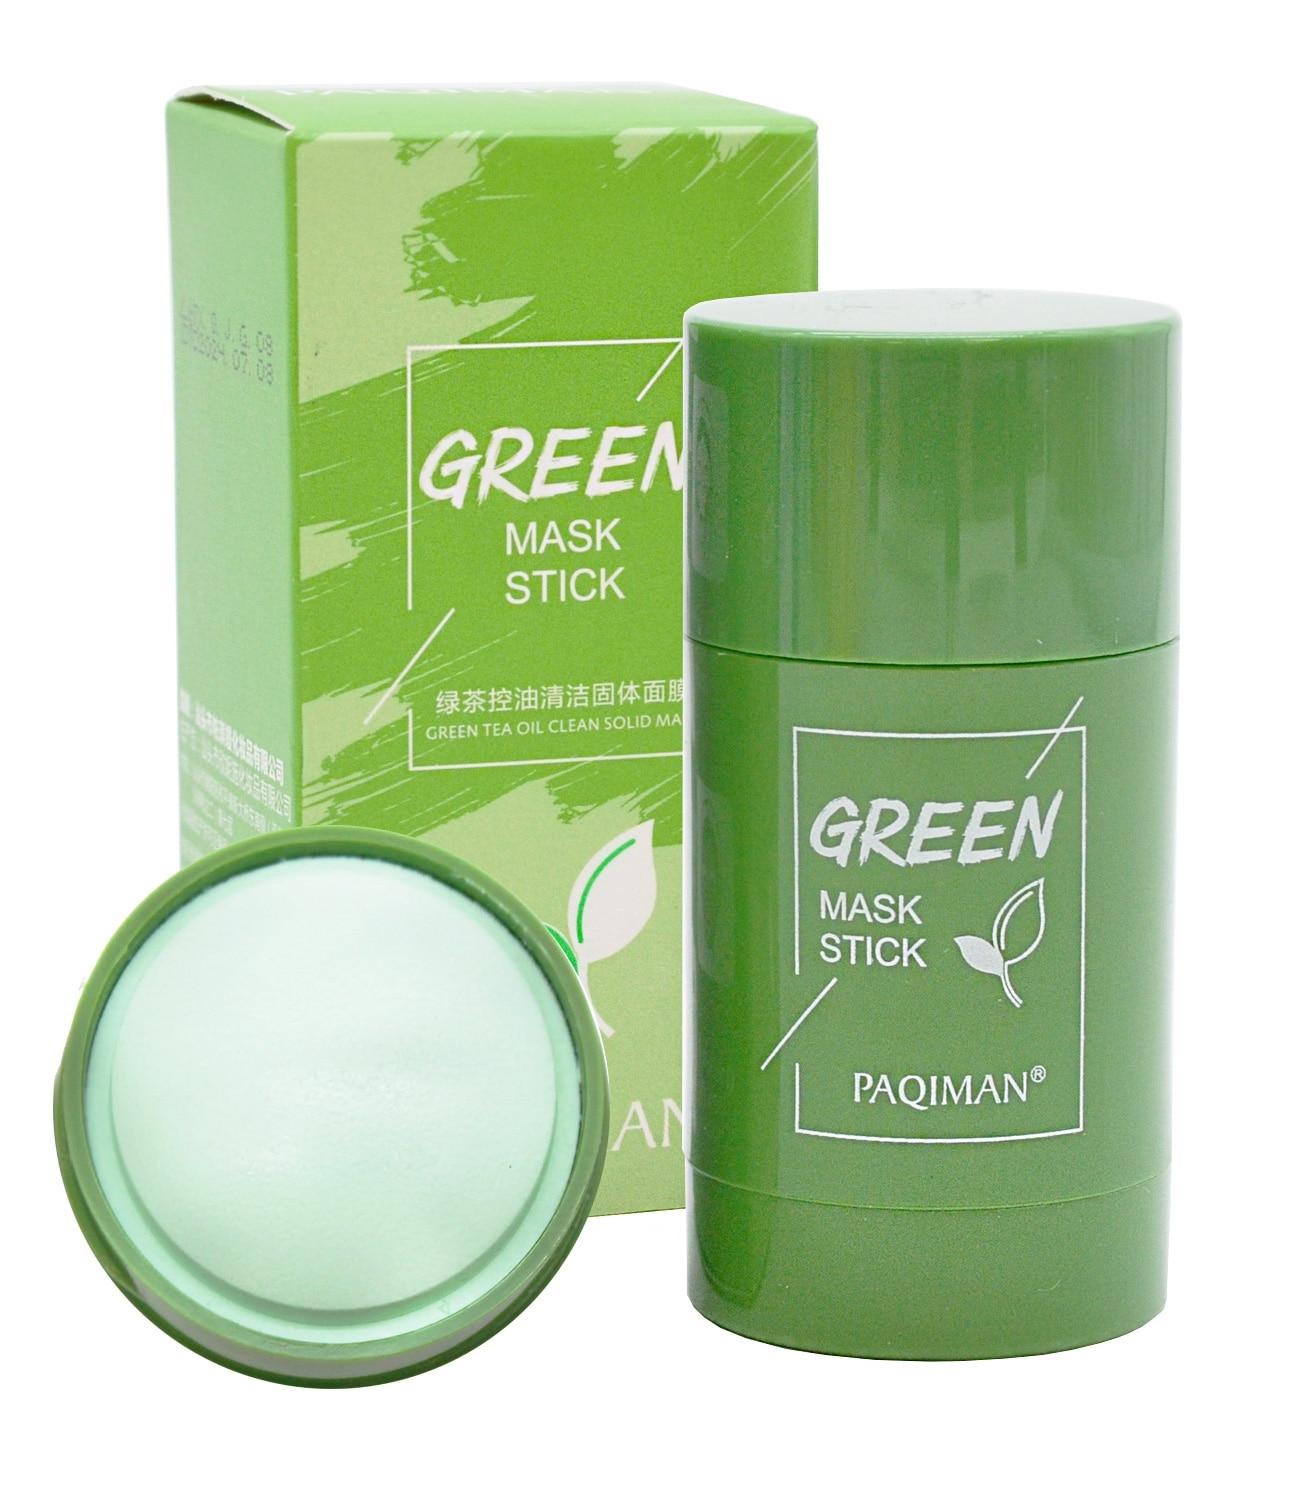 PAQIMAN Глиняная маска Тканевая в стике для глубокого очищения и сужения пор с экстрактом Зеленого Чая зеленая маска палки 40 гр PAQ-40g